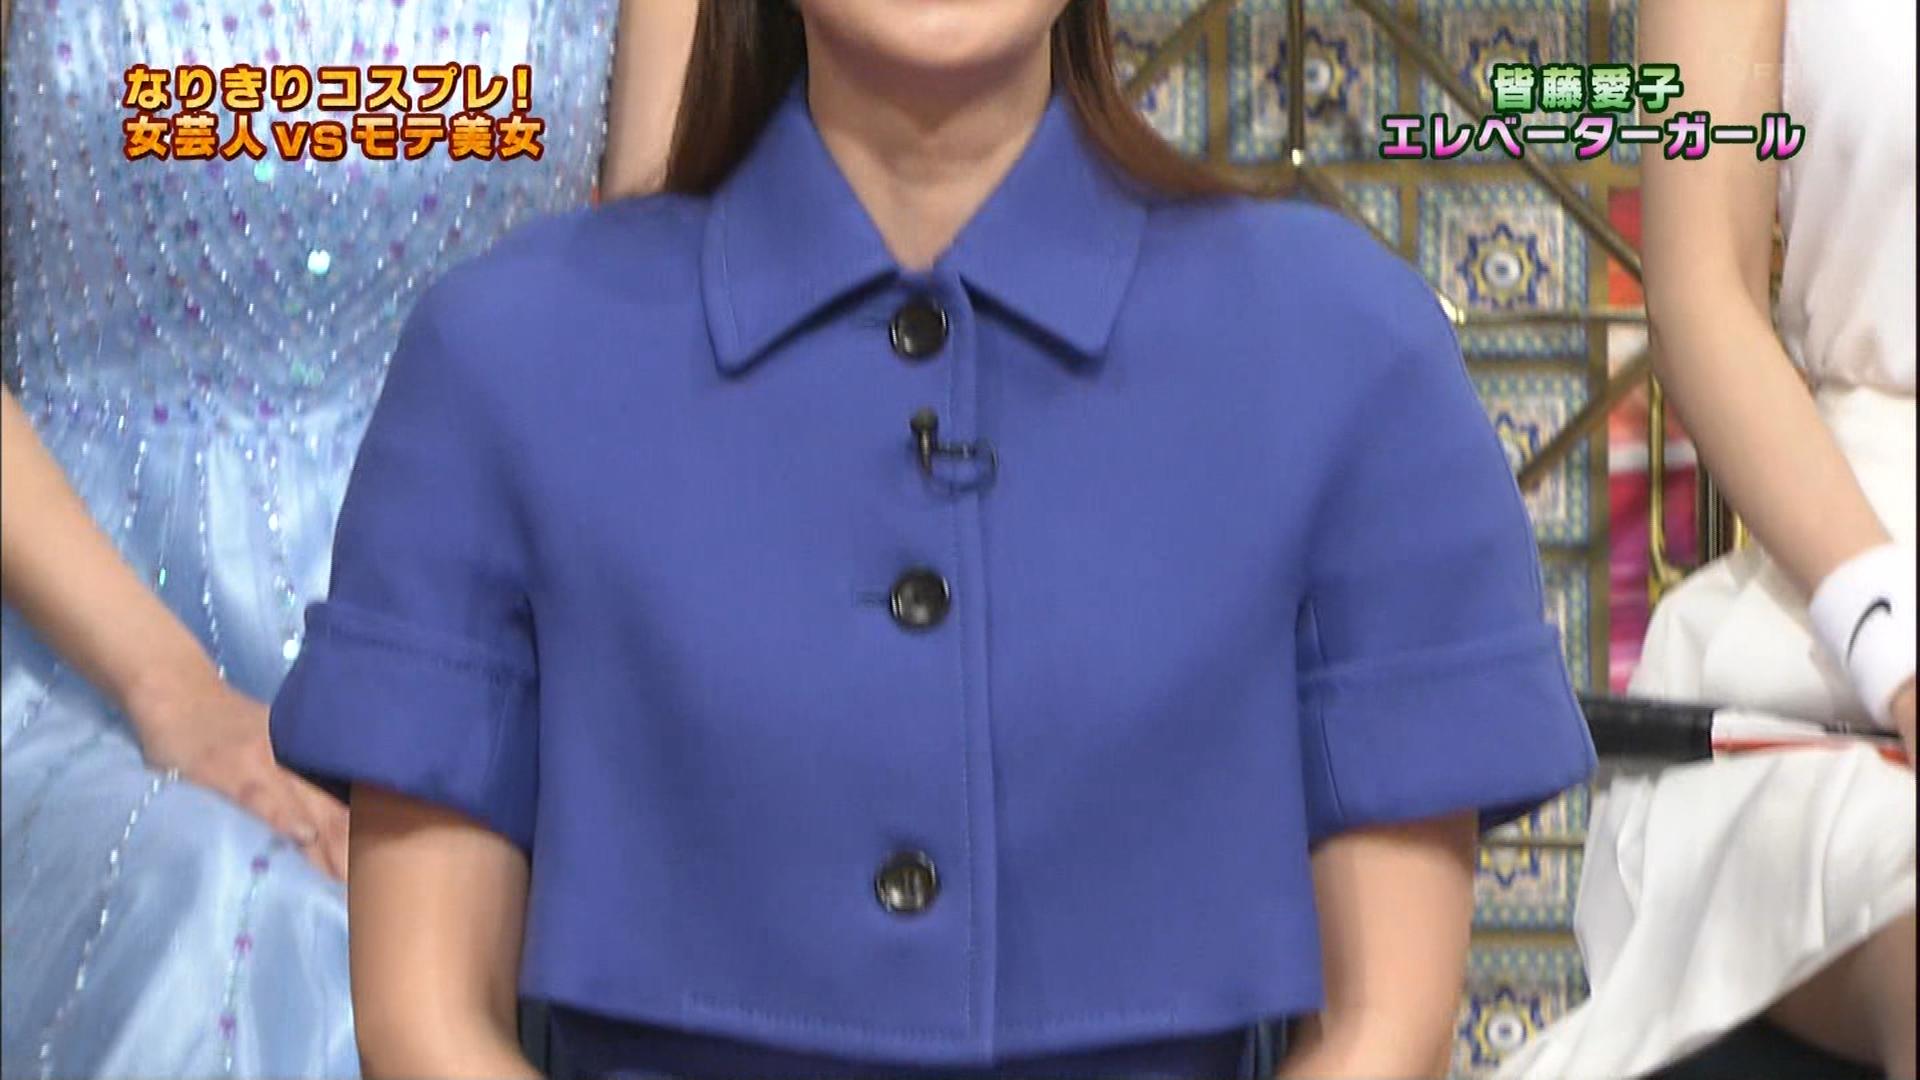 皆藤愛子 ミニスカートの中をアップで撮られるキャプ・エロ画像4